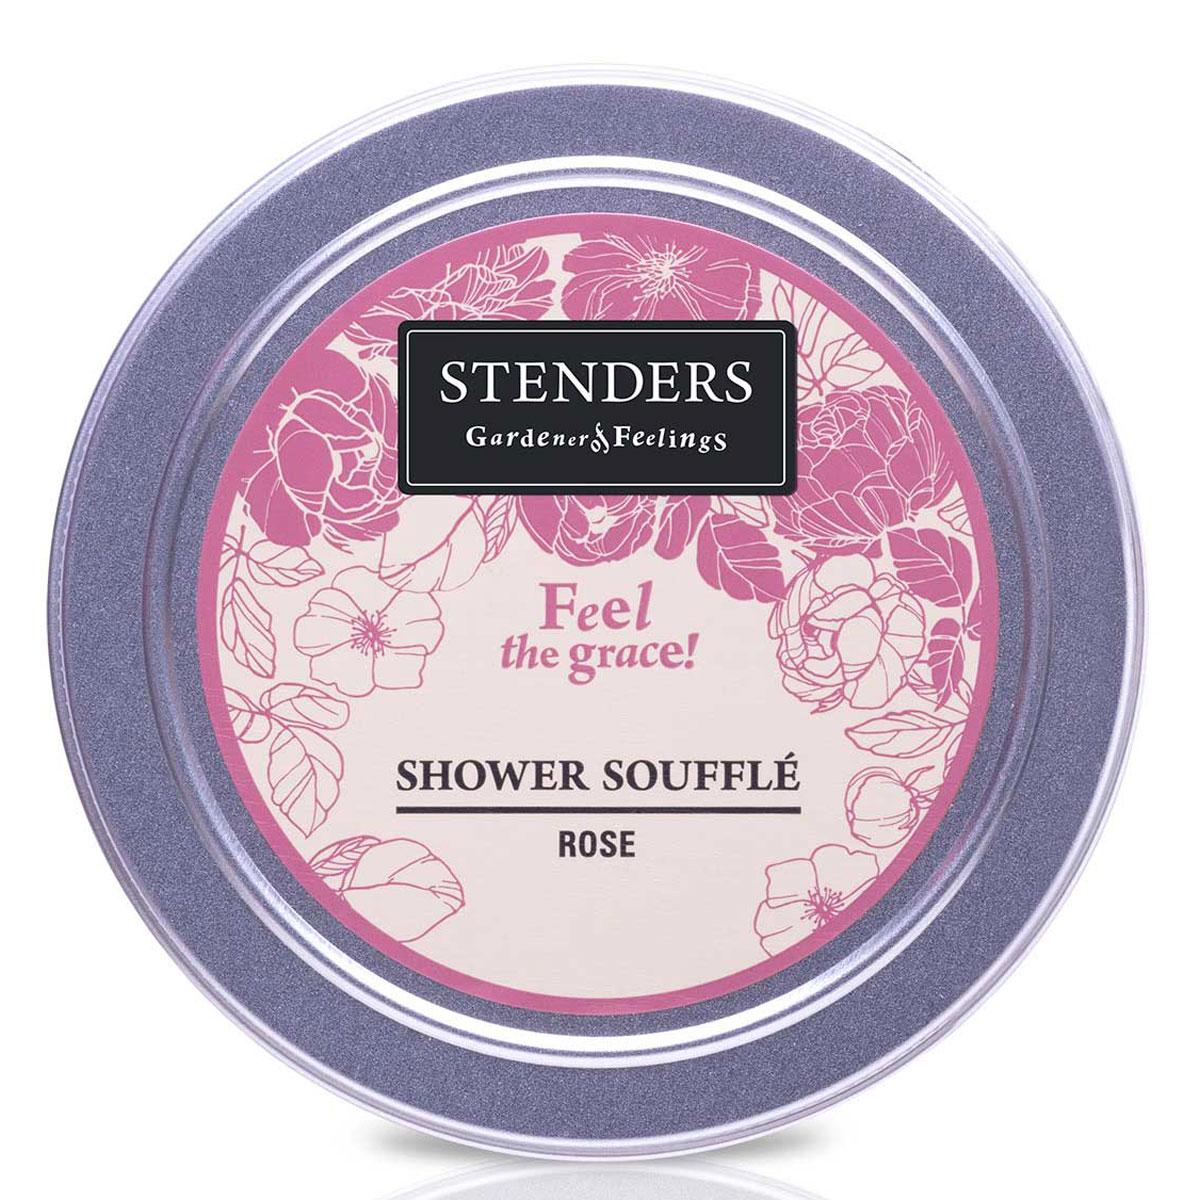 Stenders Мусс для душа Розовый, 110 гDZ002Это легкая кремовая пена очищает кожу так нежно, словно прикосновение лепестков роз. Это утонченный способ наслаждаться мягким купанием. Почувствуйте, как королевский аромат эфирного масла розы создает утонченную и изящную атмосферу. Этот мусс бережно относится к вашей коже - его ph 5,5 и он не содержит парабенов и сульфатов PH - нейтральный мягкий воздушный мусс для мытья тела. Питательное масло сладкого миндаля великолепно в косметике, поскольку является полезным даже для самой чувствительной кожи. Оно абсолютно легко впитывается в вашу кожу, смягчая ее. Розовое эфирное масло получают методом дистилляции пара из лепестков розы. Для него характерен опьяняющий, чудесный аромат зрелых цветов. Розовое эфирное масло помогает снять возбуждение. Кроме того, оно пробуждает в вас особо утонченные чувства. Глицерин – это органическое соединение с увлажняющим и смягчающим кожу воздействием. Кроме того, ему присуща способность привлекать влагу из воздуха.